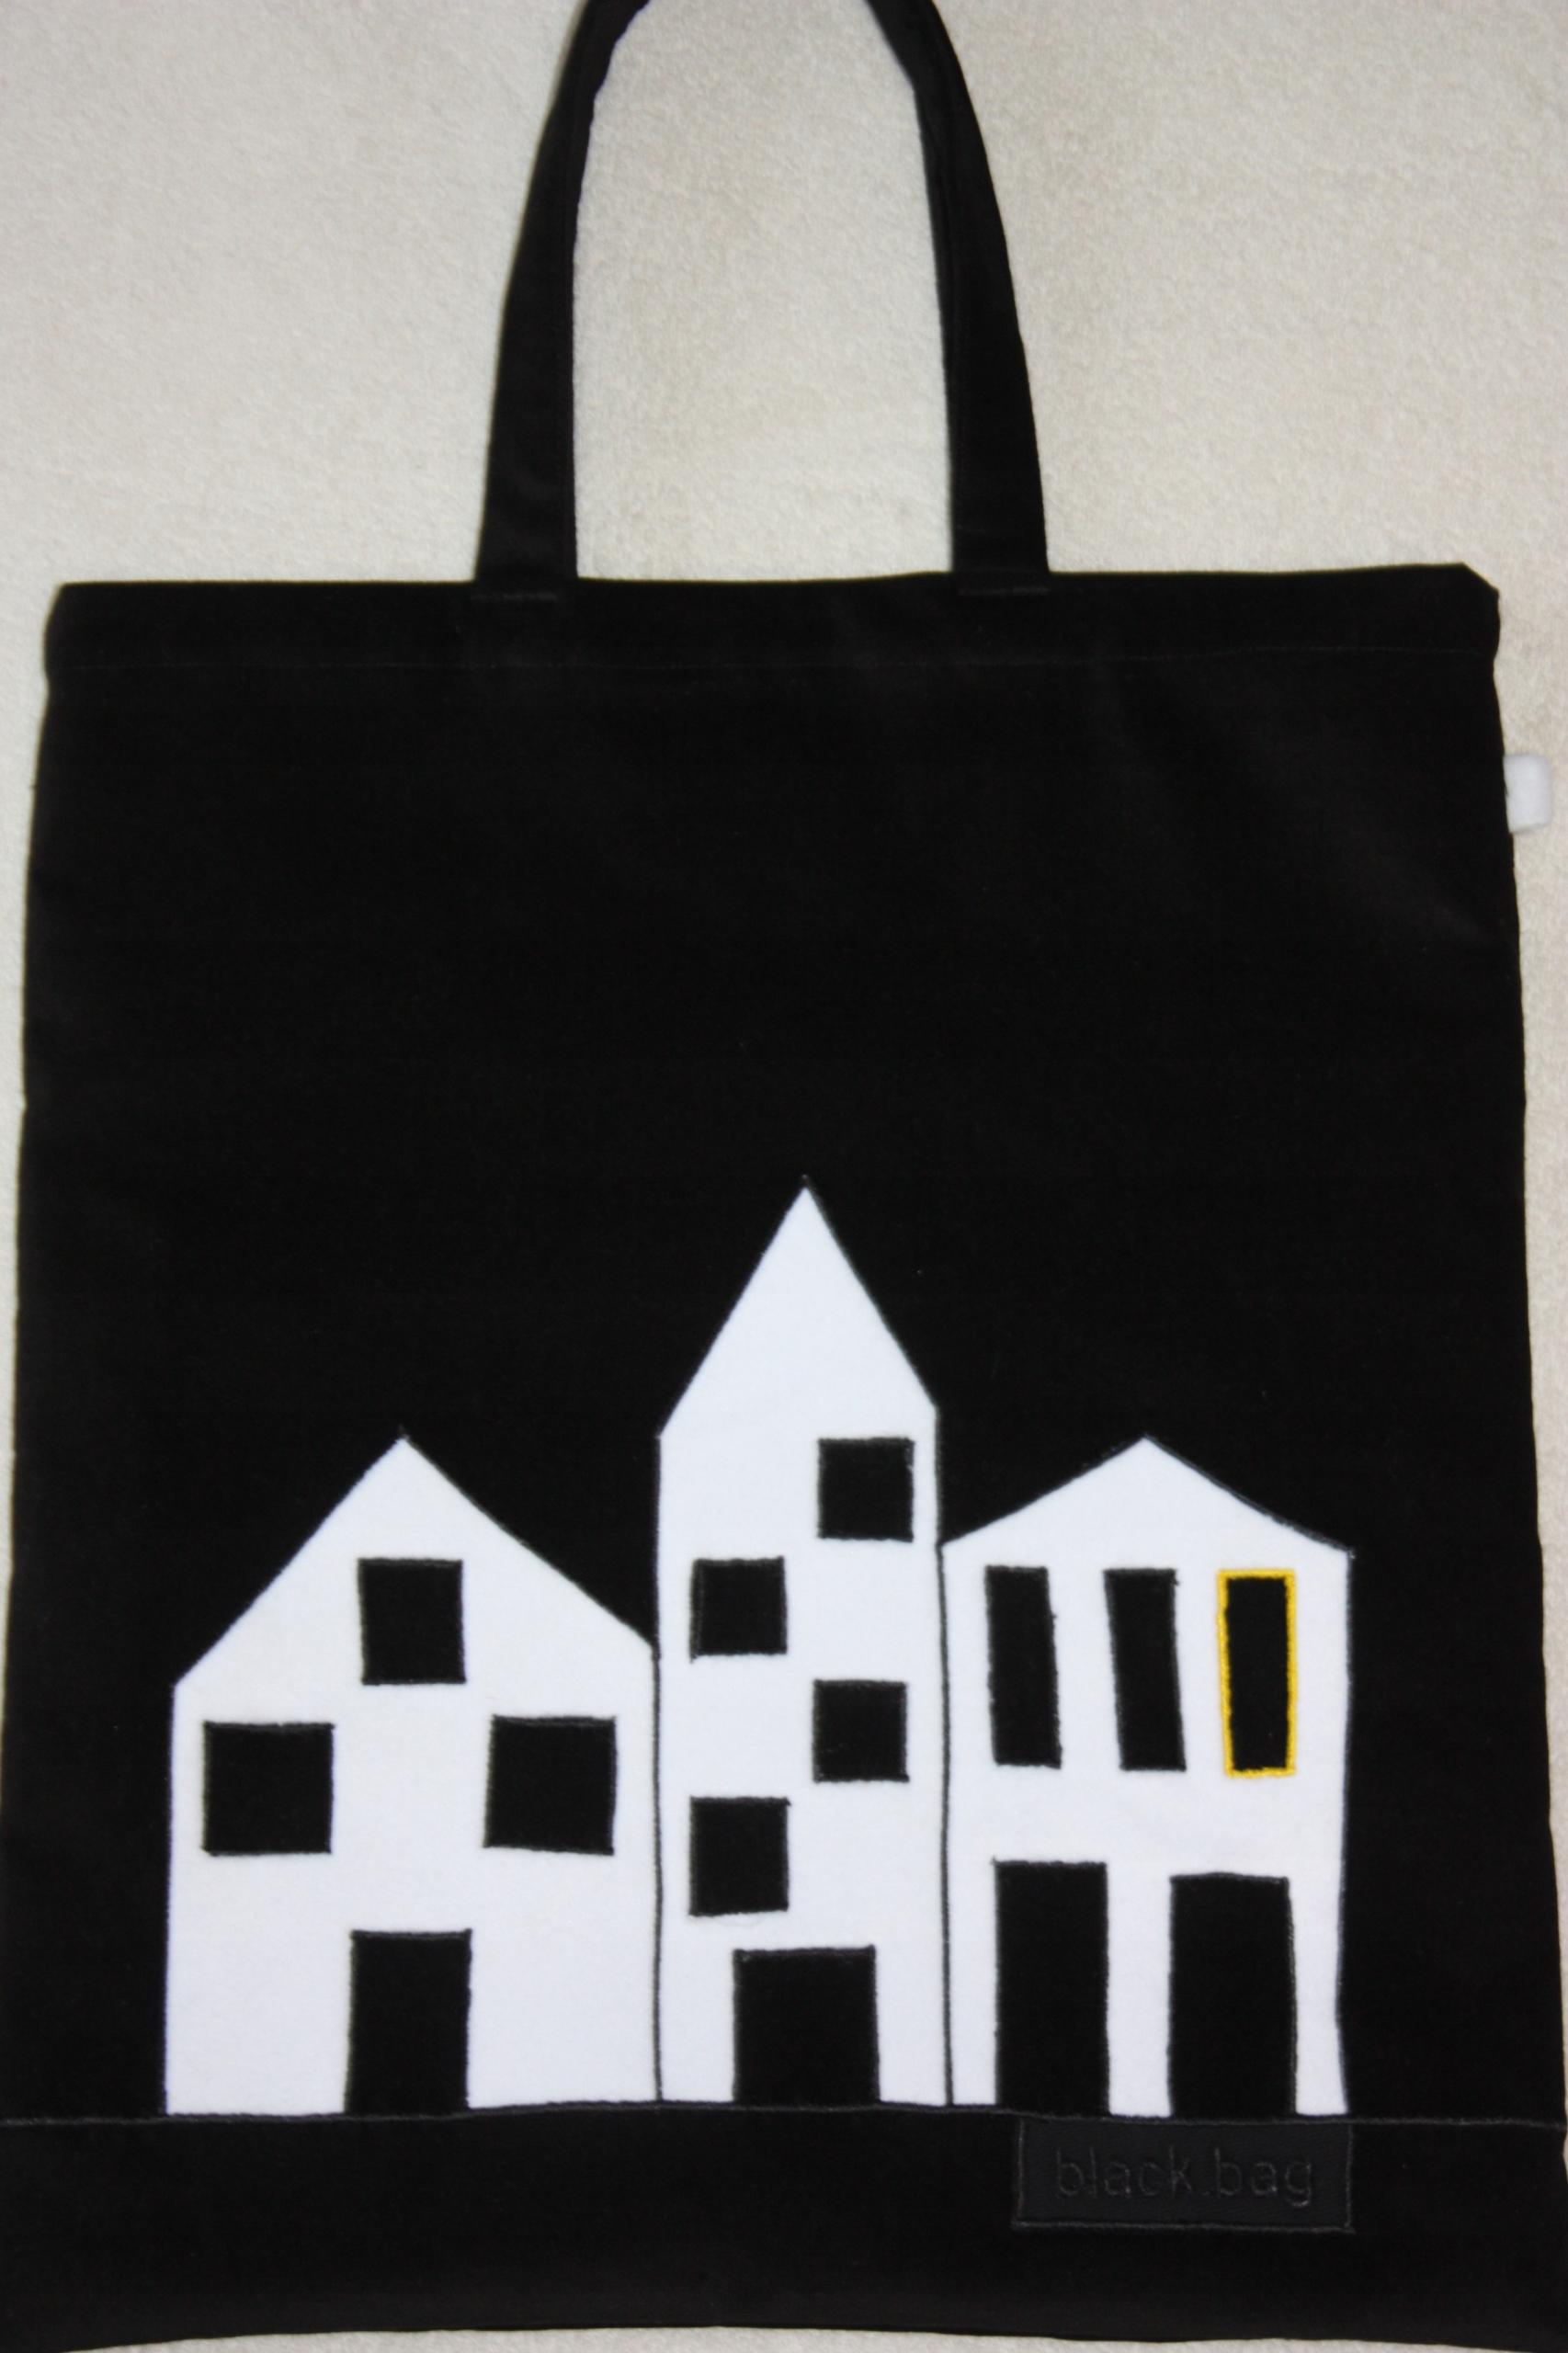 53cbd2ed982d7 rękodzieło torba czarna białe domki -na Fundację - 7663100972 ...